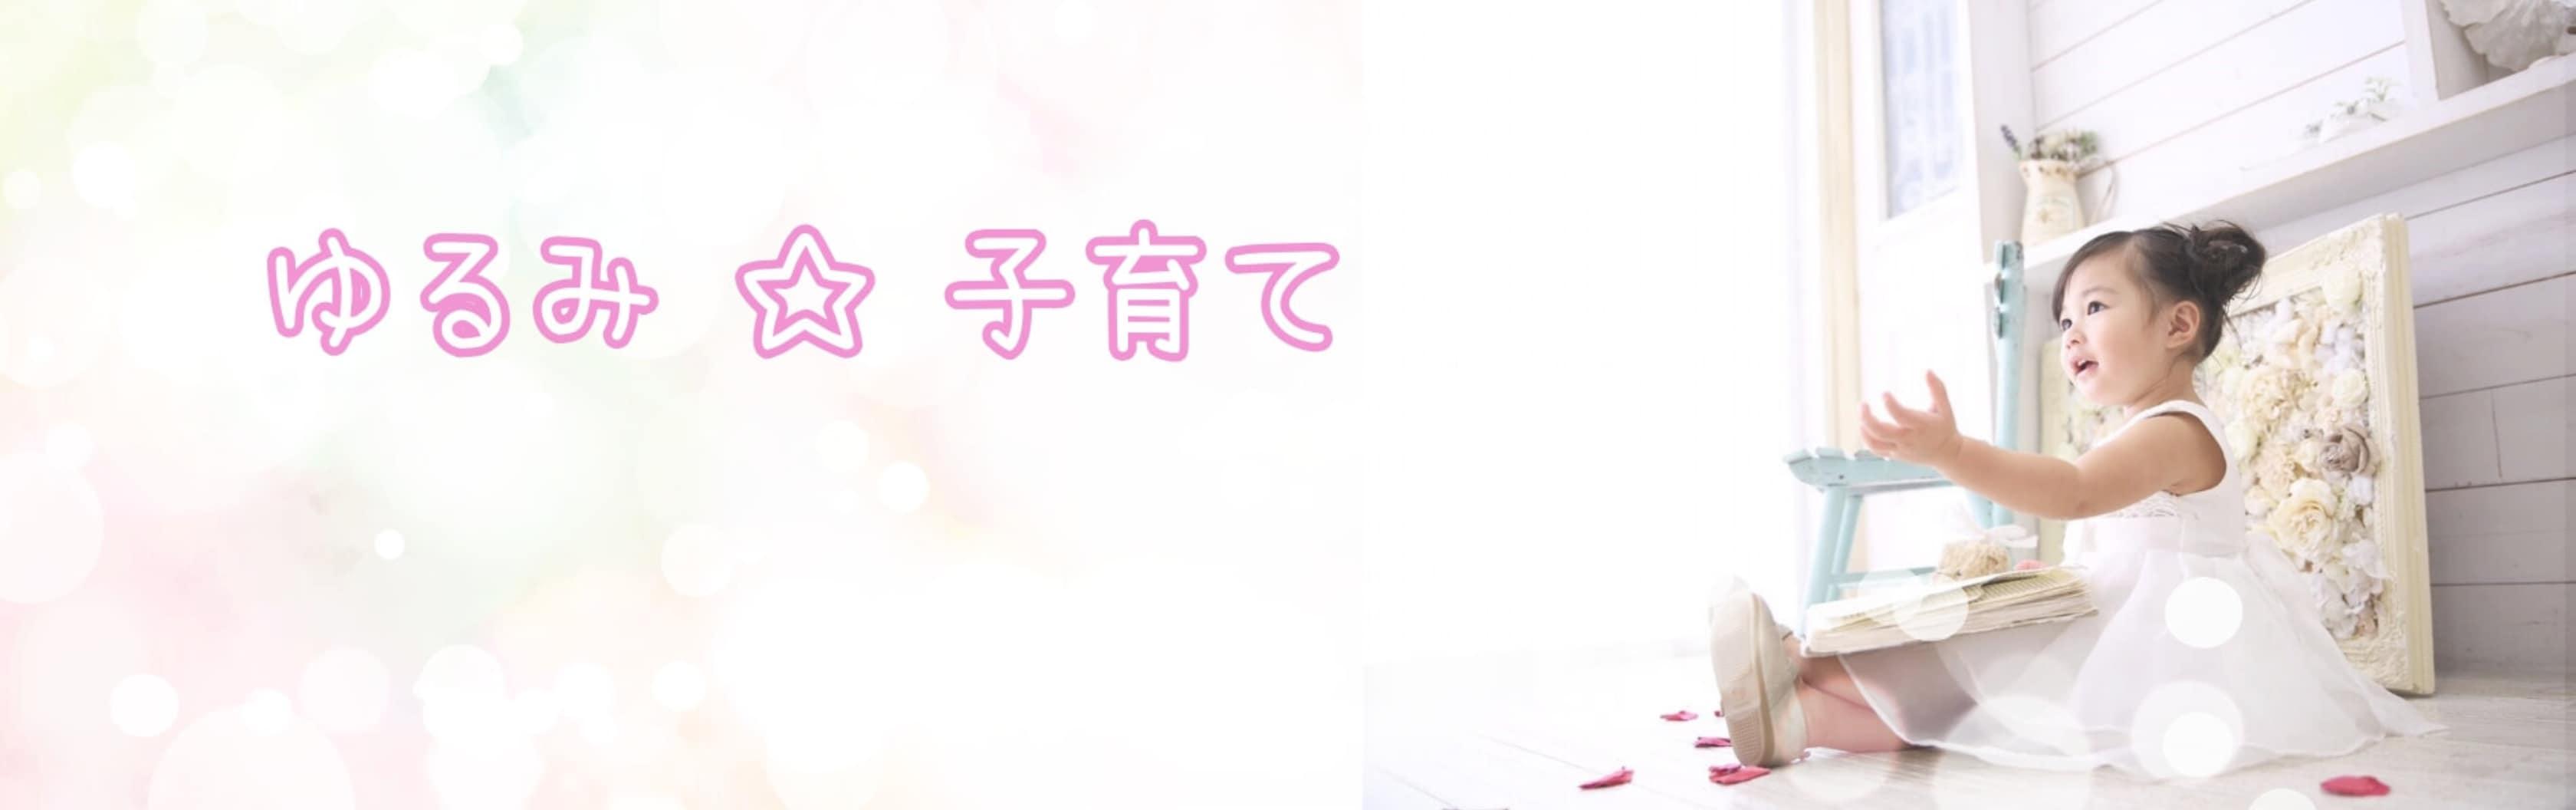 堀内祐子オフィシャルサイト